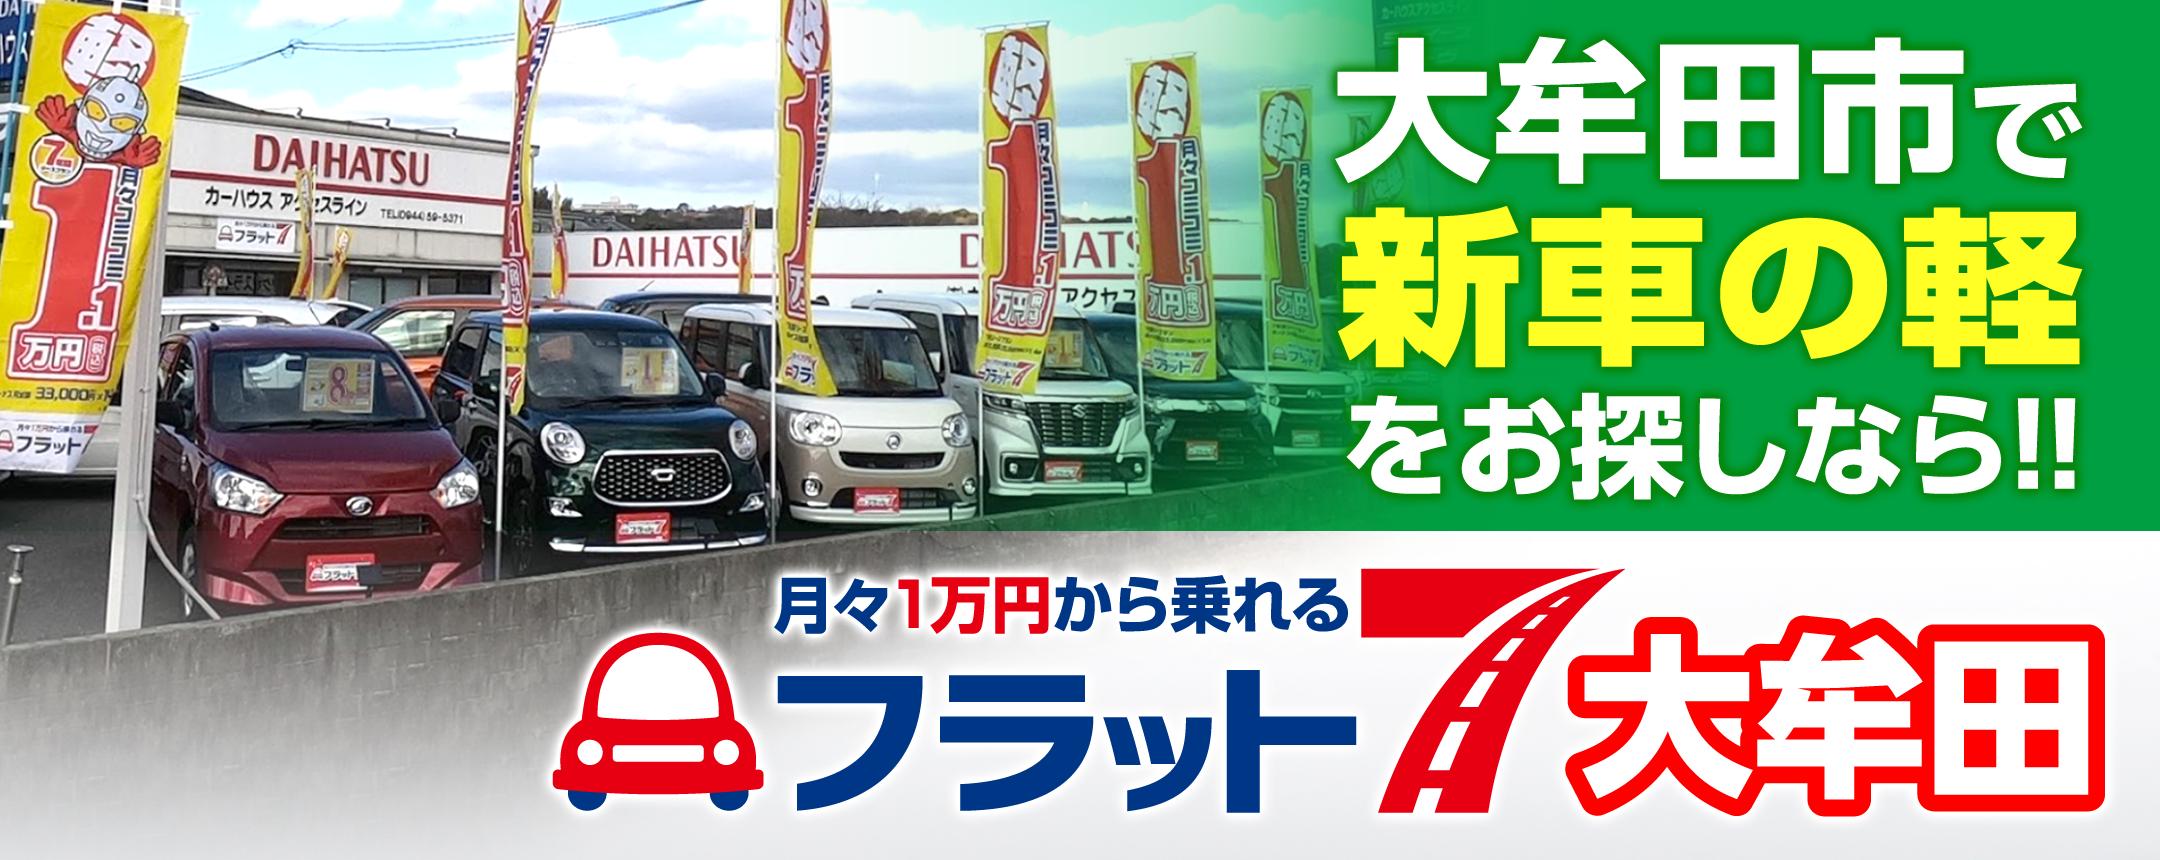 大牟田市の新車の軽なら大牟田市カーリースならフラット7大牟田